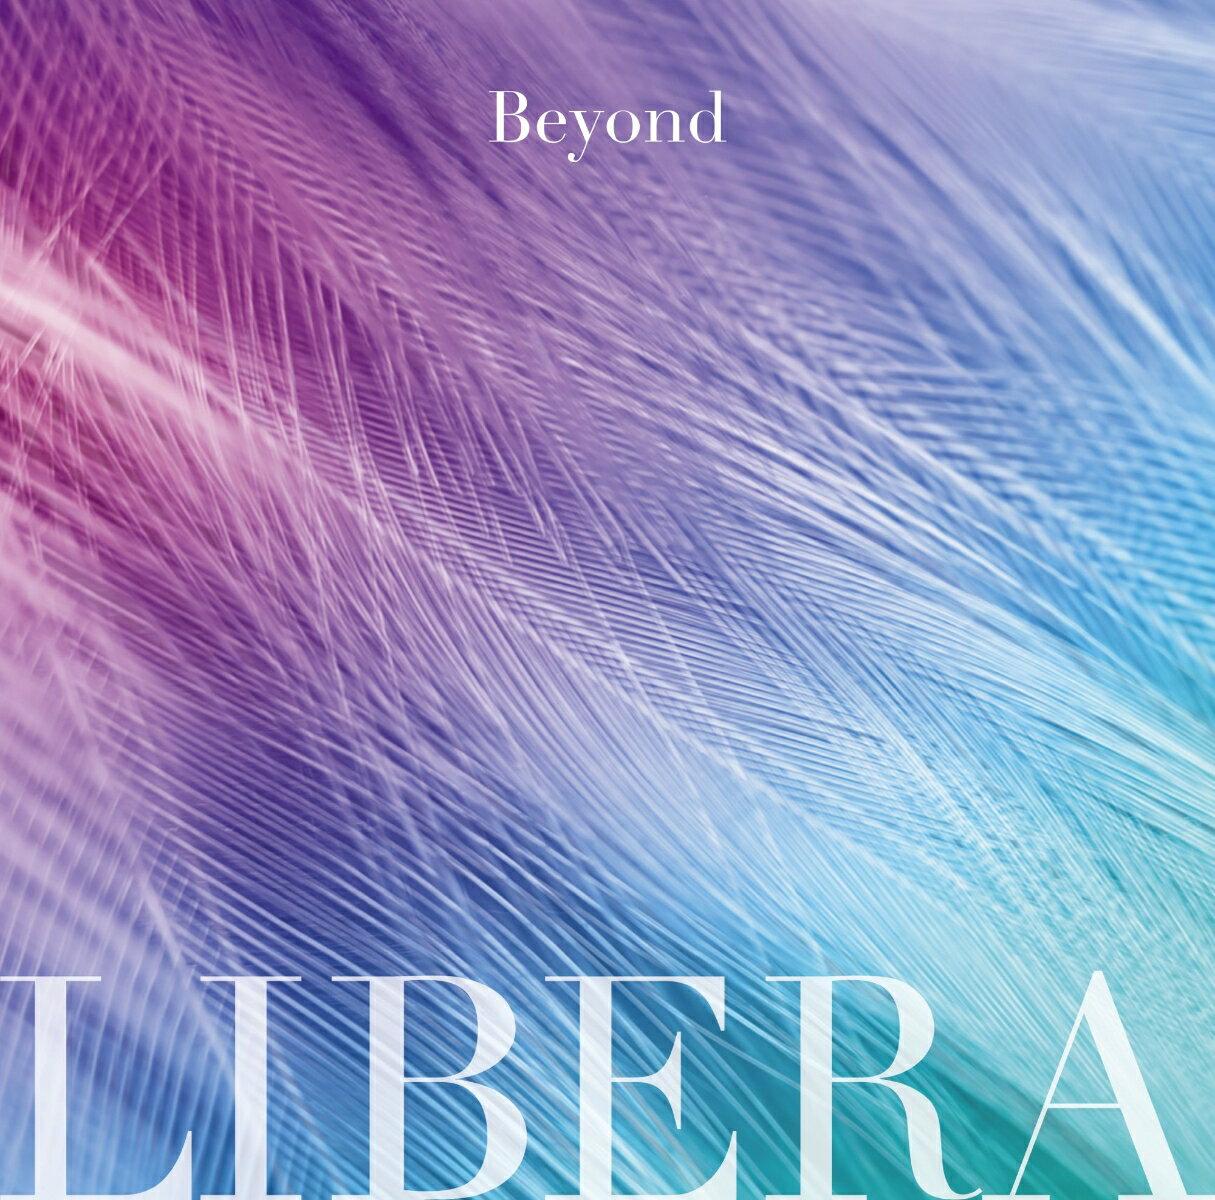 【先着特典】beyond (CD+DVD) (リベラ beyondダイアリーmini(予定)付き) [ リベラ ]